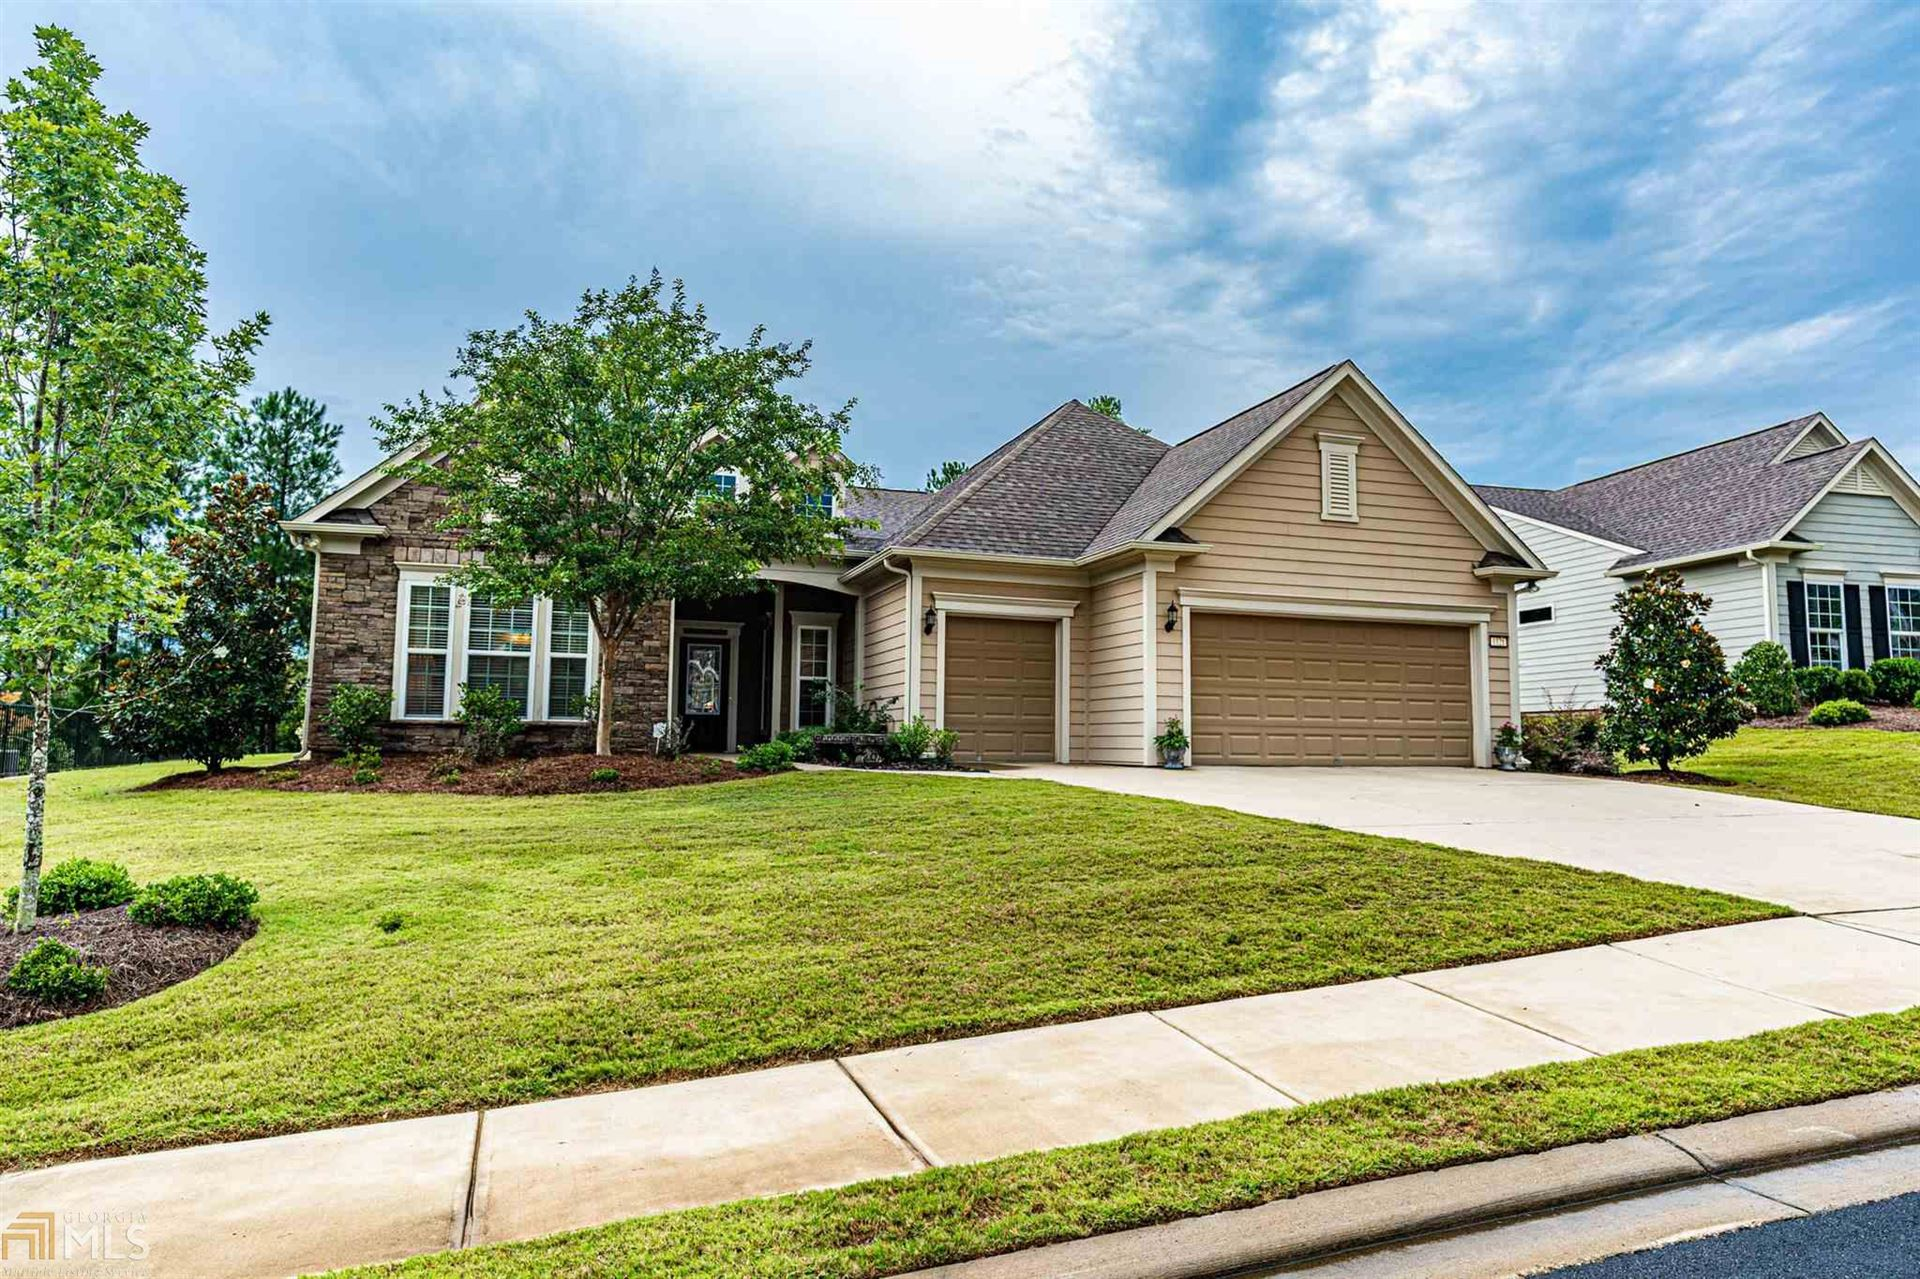 1121 Dockside Pl, Greensboro, GA 30642 - MLS#: 8844540